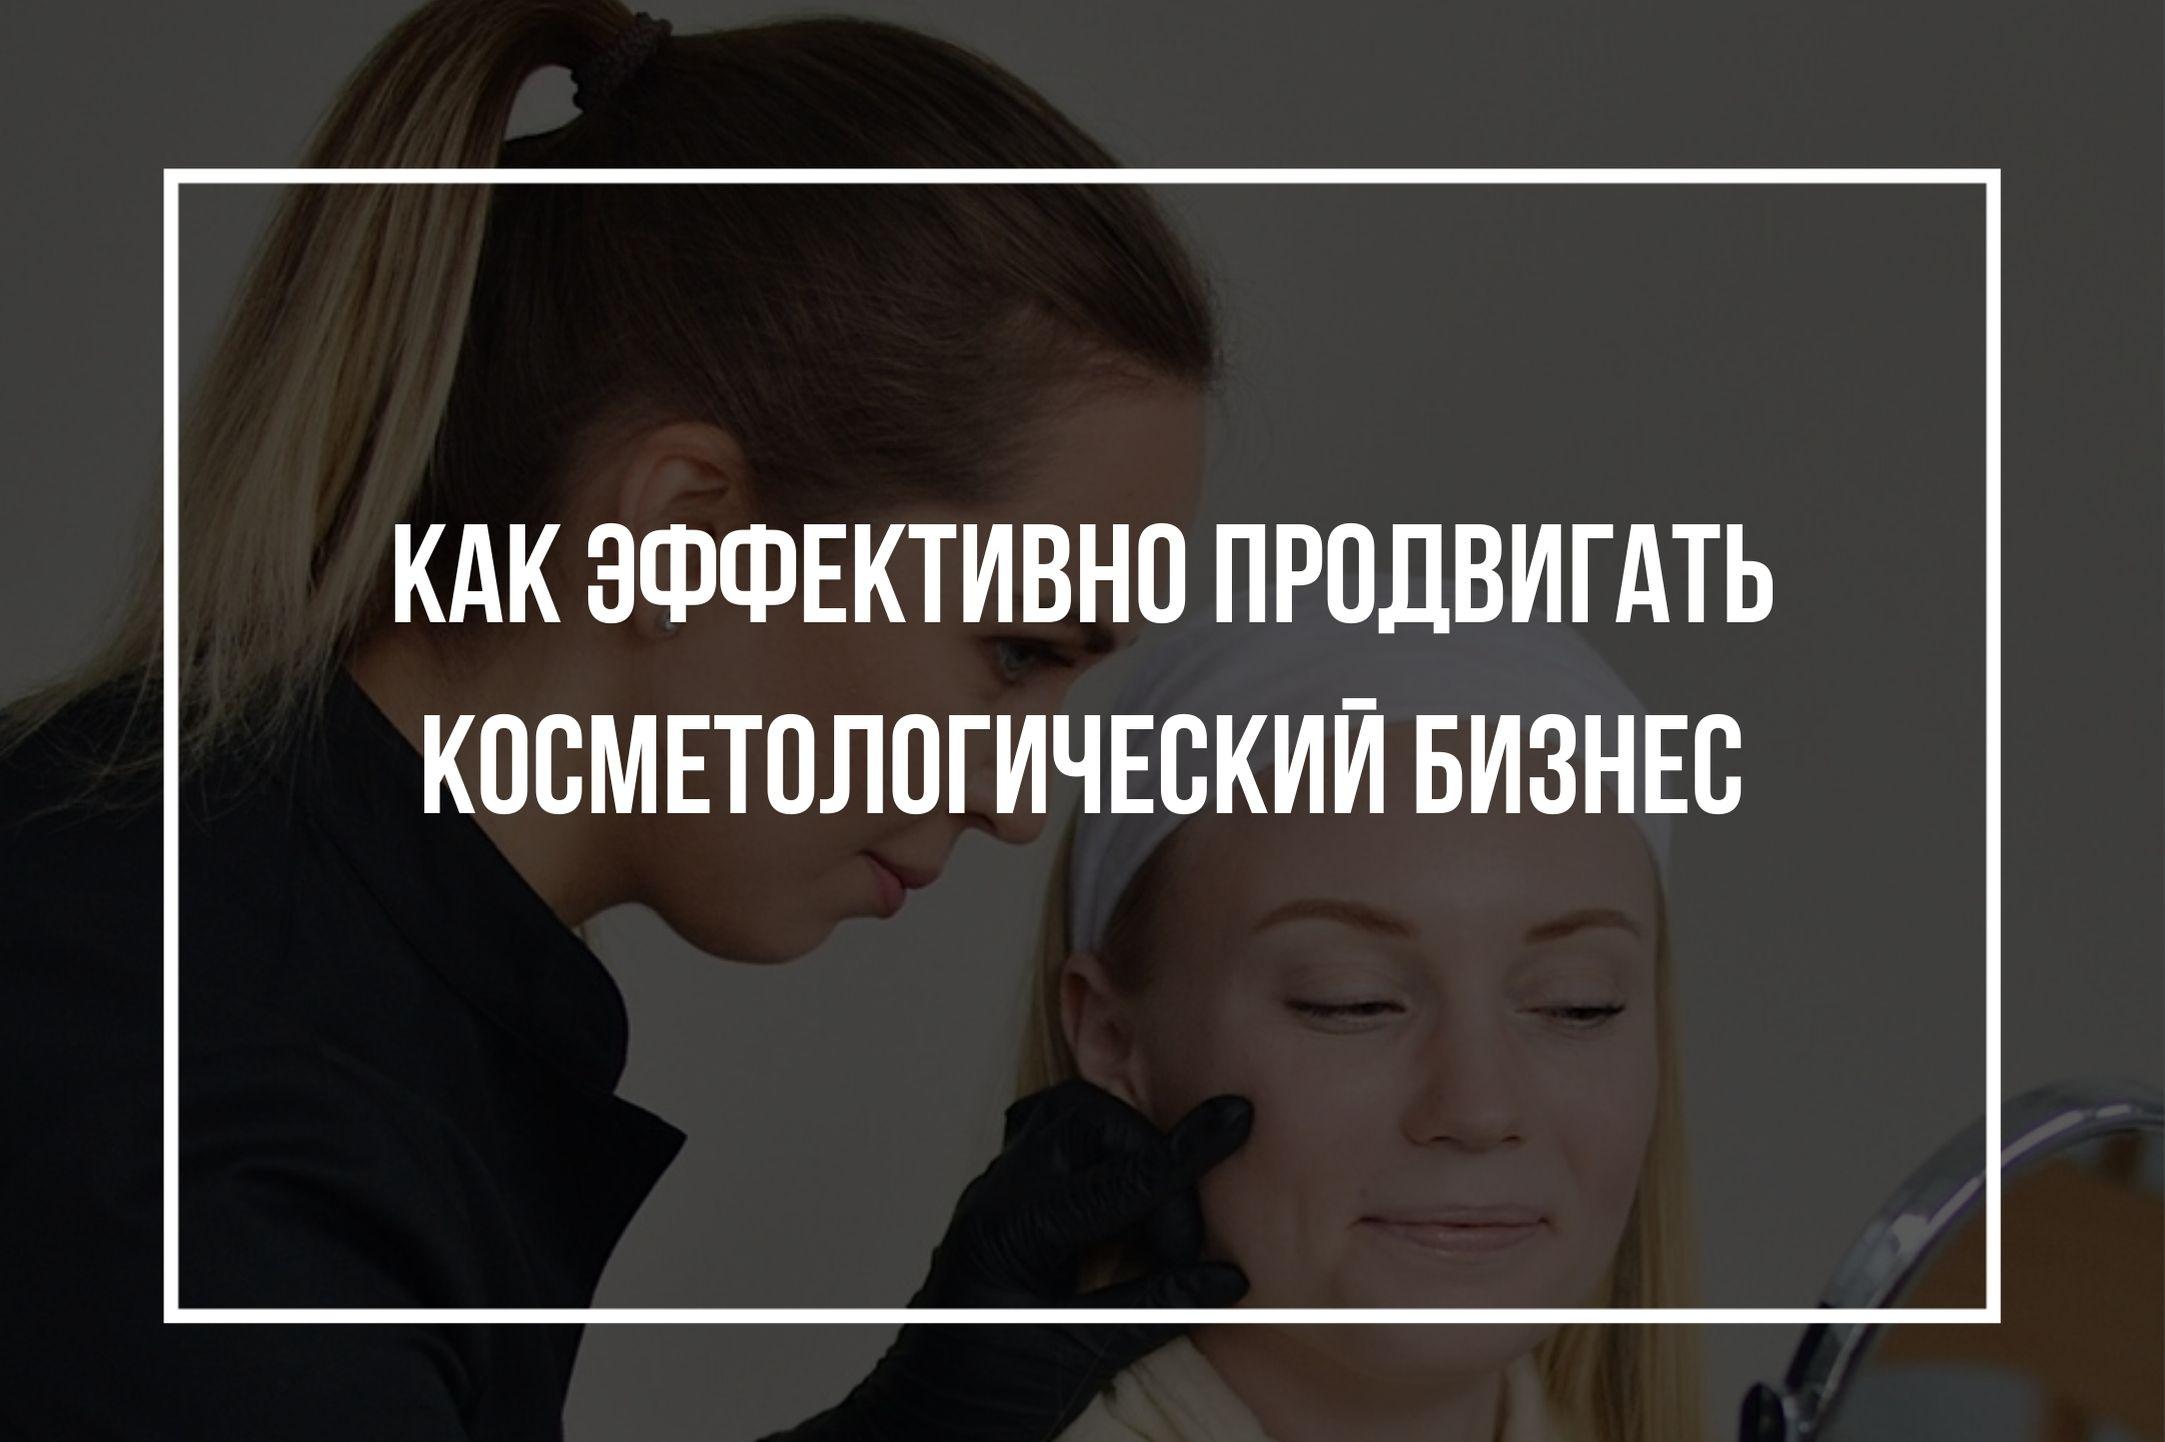 Как эффективно продвигать косметологический бизнес